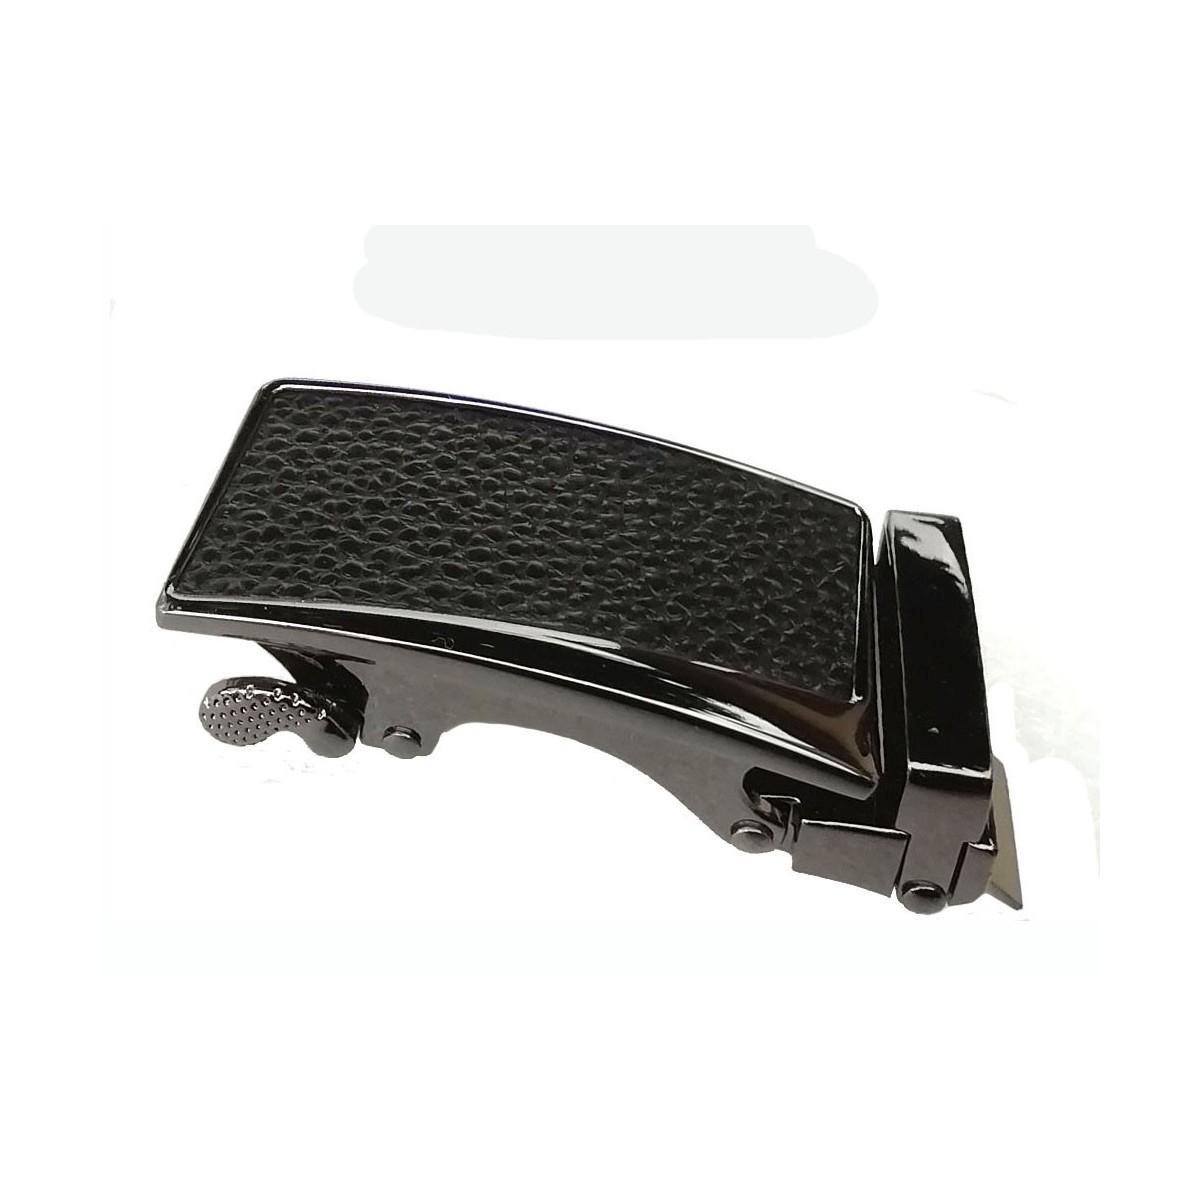 Boucle de ceinture Femme à fermeture automatique plaque grain cuir noir